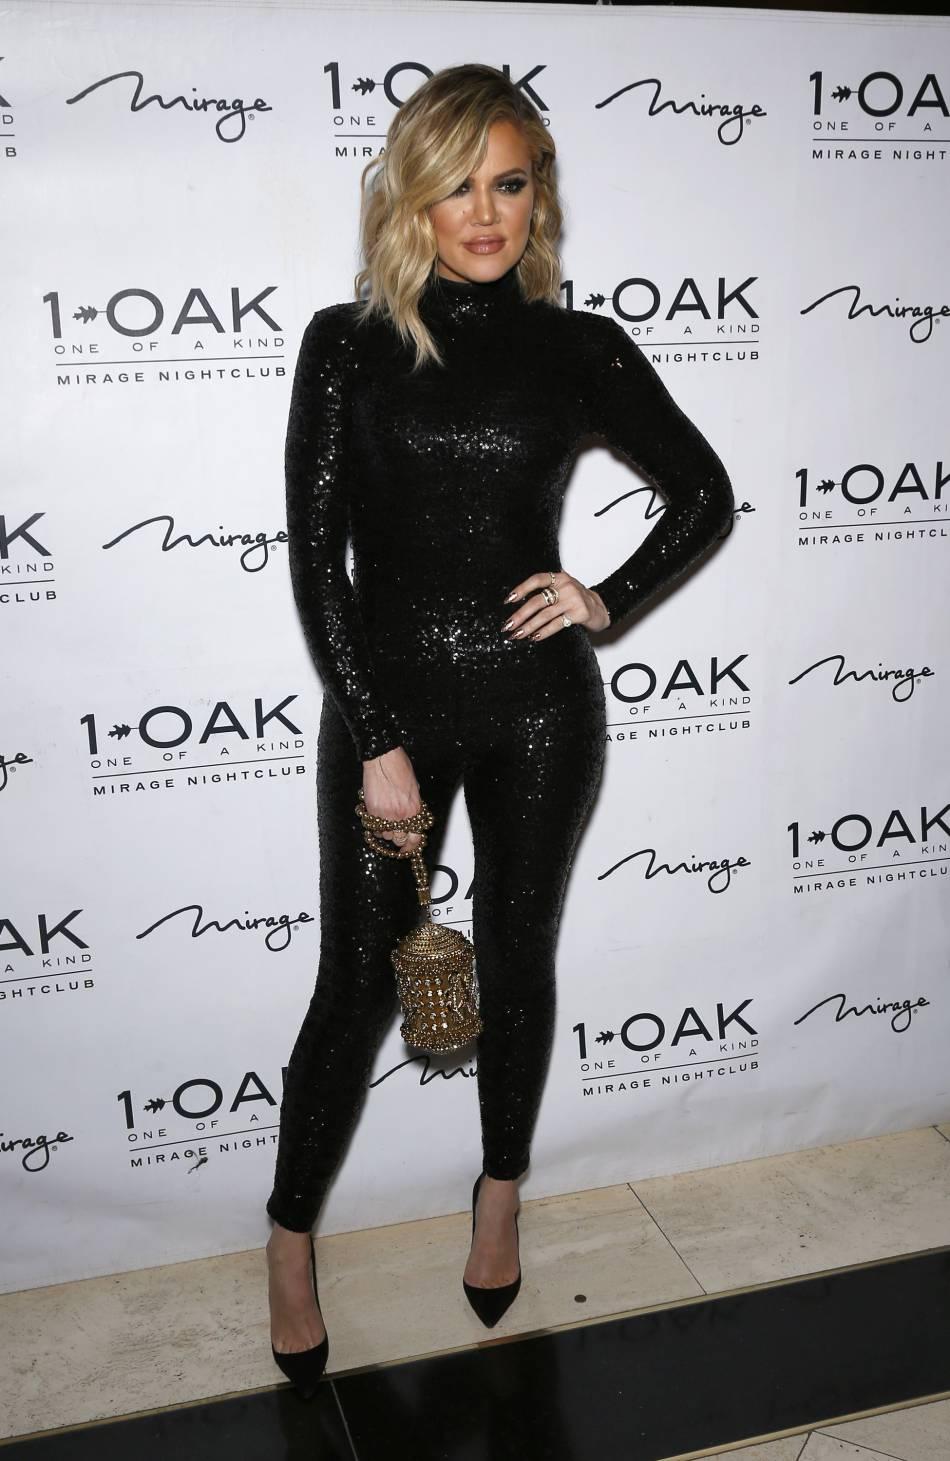 Iată care este dieta lui Khloe Kardashian. Nu ai cum să dai greș cu ea